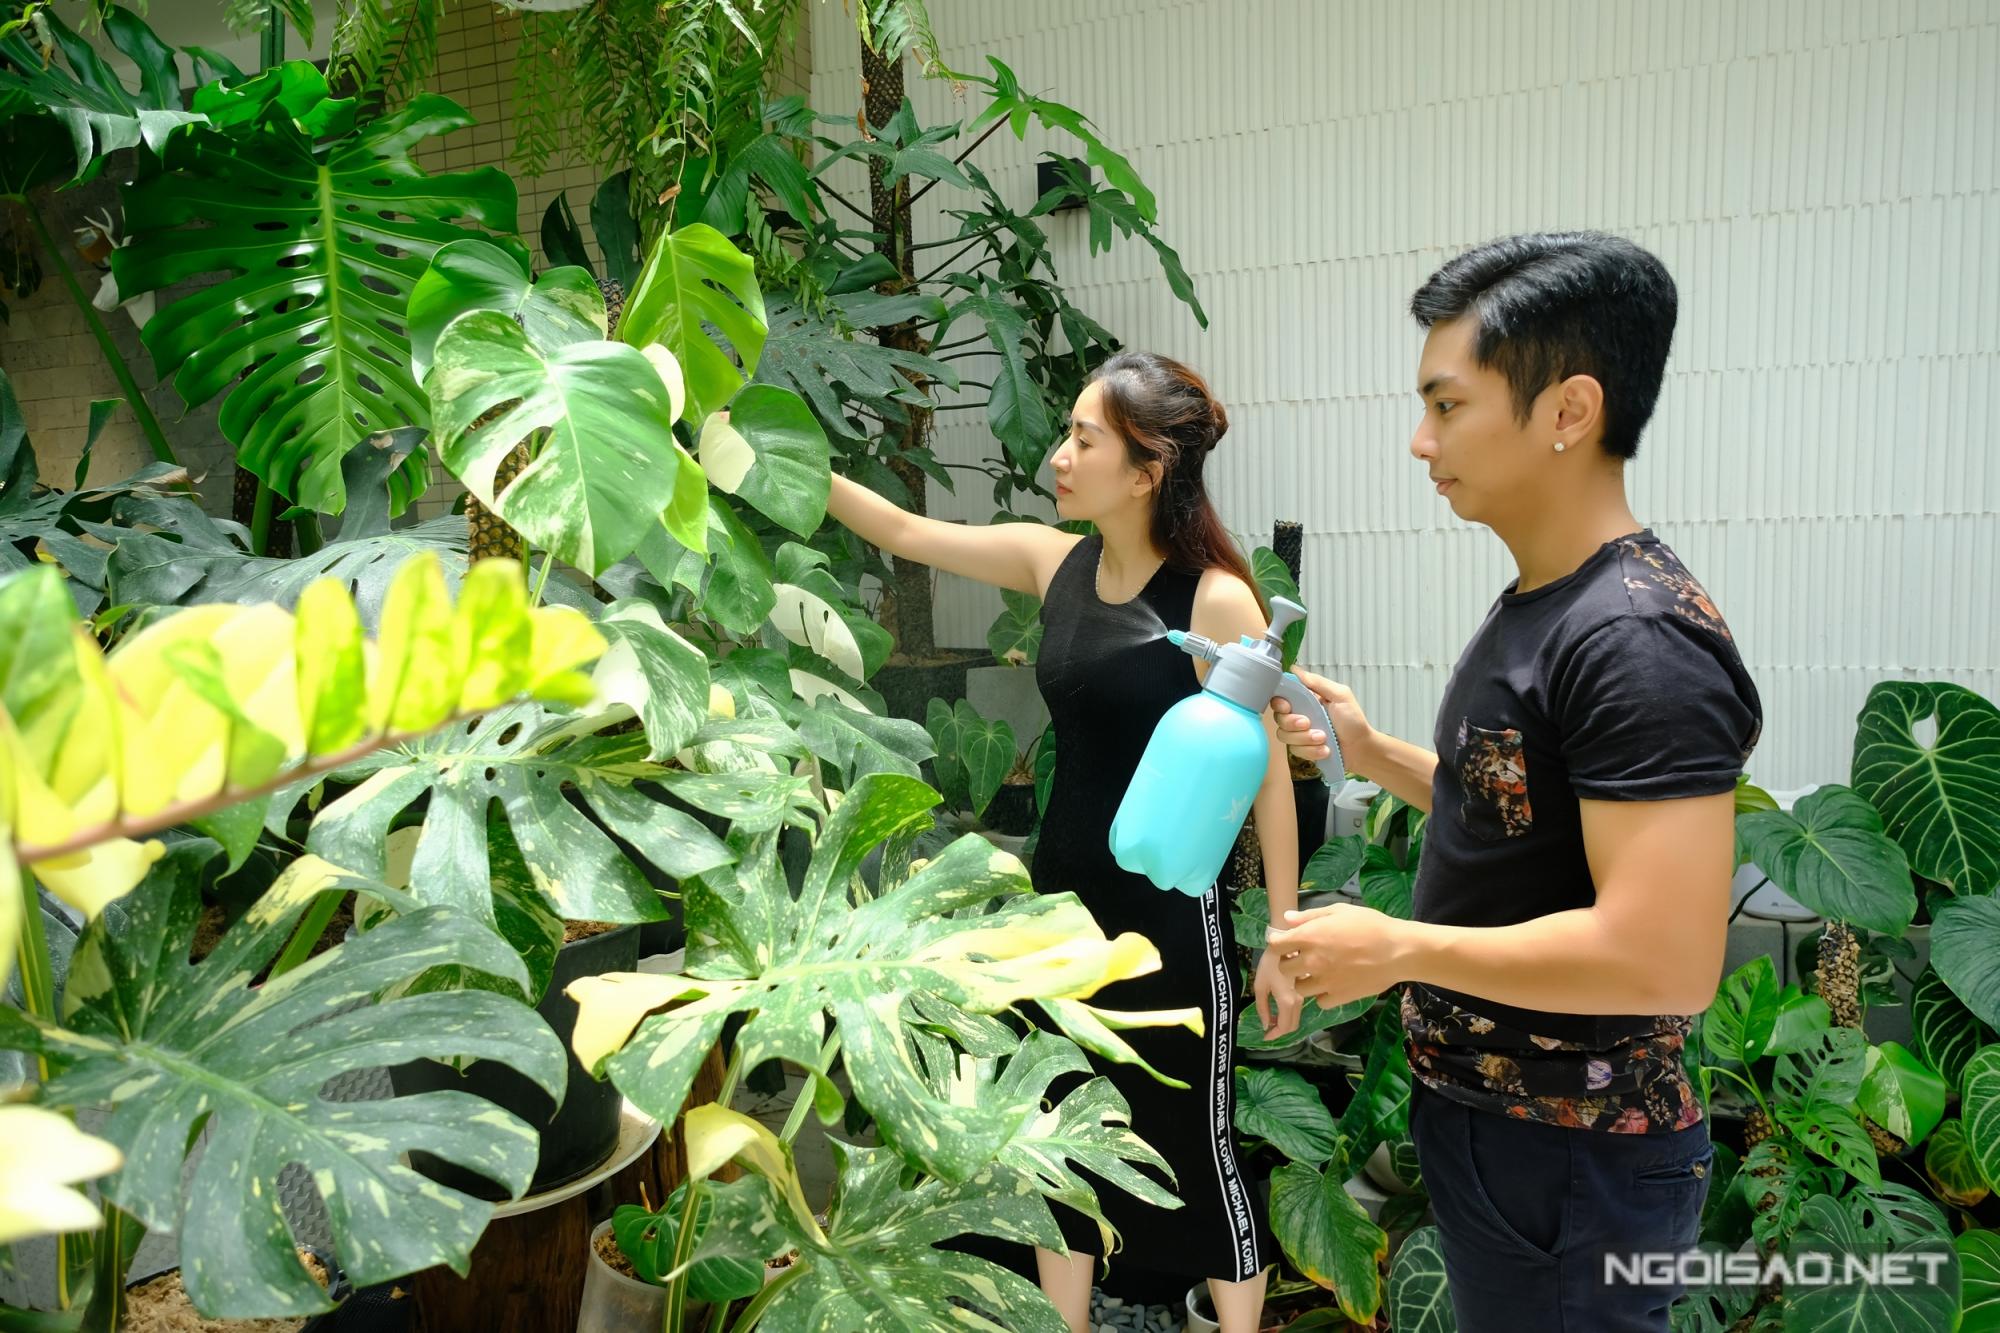 Mỗi ngày, Phan Hiển thường thức dậy sớm hơn để chăm sóc vườn cây kiểng giá trị cả tỳ đồng của họ. Đây là những loài cây vừa trang trí nội thất vừa có giá trị kinh tế cao. Ở Việt Nam, cộng đồng chơi kiểng lá xuất hiện 5 năm trở lại đây và phát triển mạnh trong năm 2020.